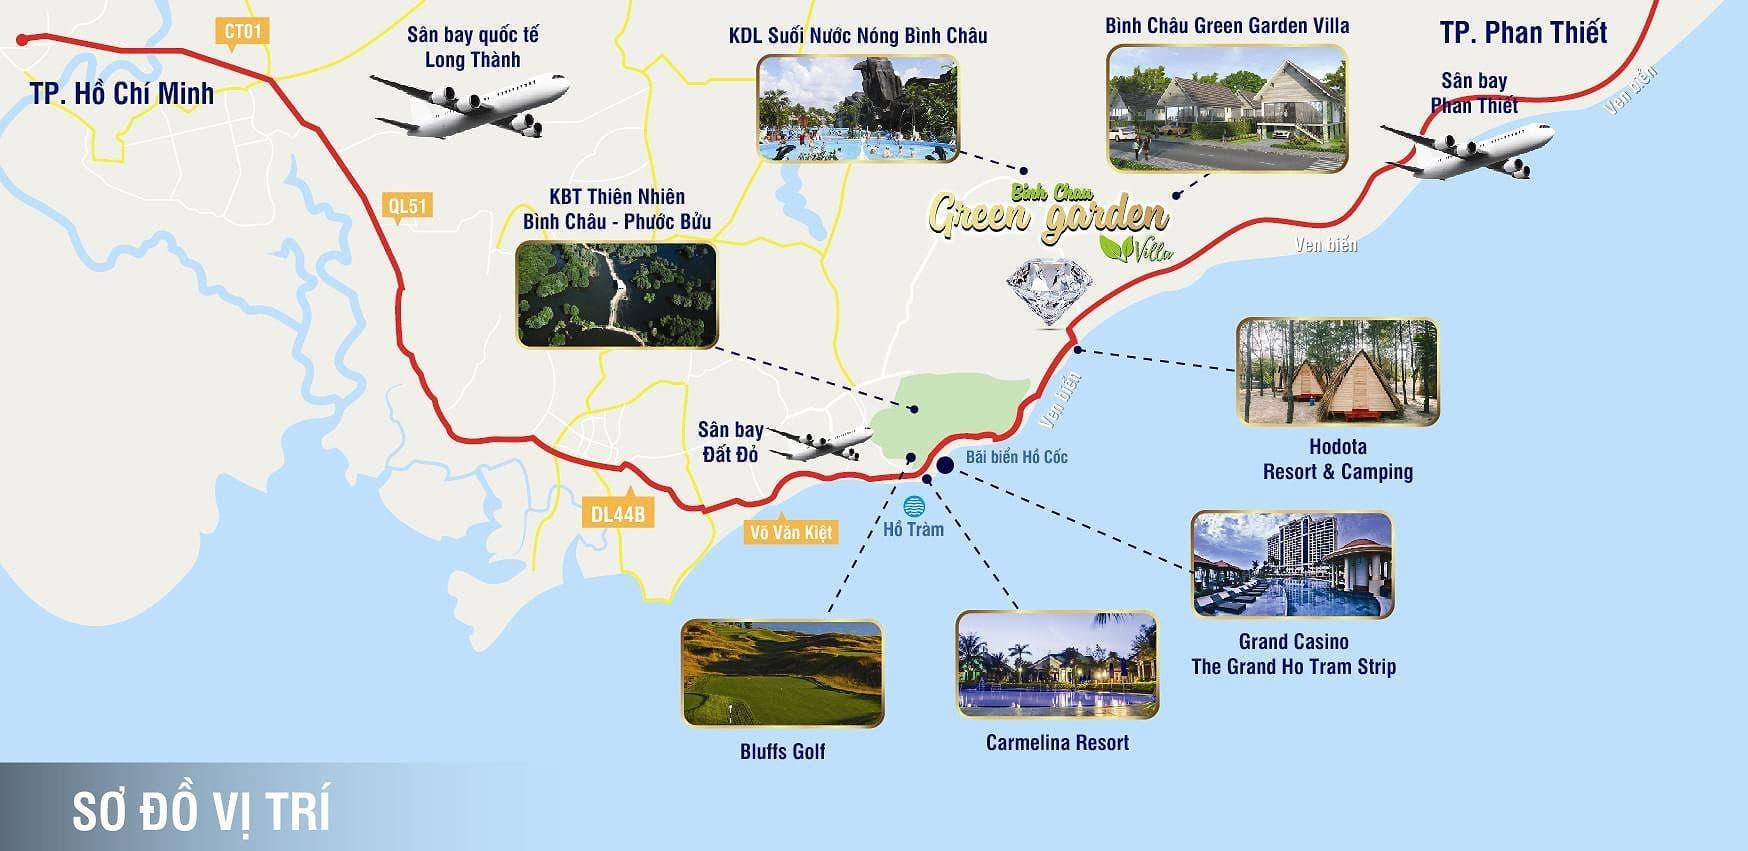 Vị trí Seaway Ho Tram Binh Chau